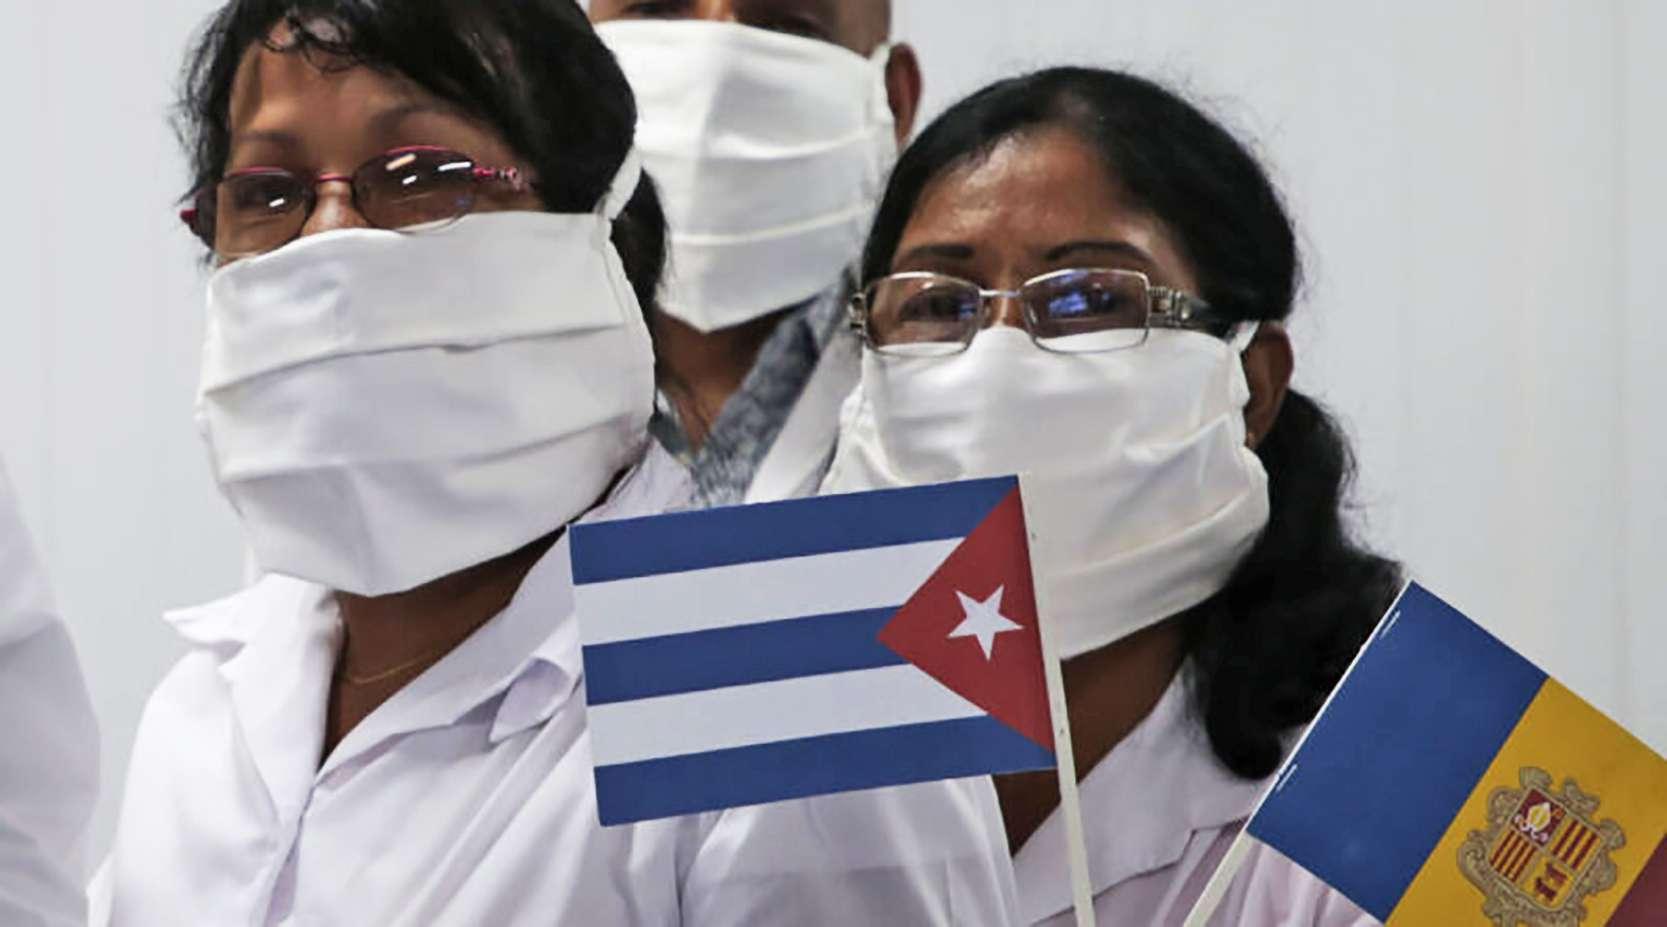 κουβανική ιατρική διεθνιστική βοήθεια κλείνει έξι δεκαετίες 1